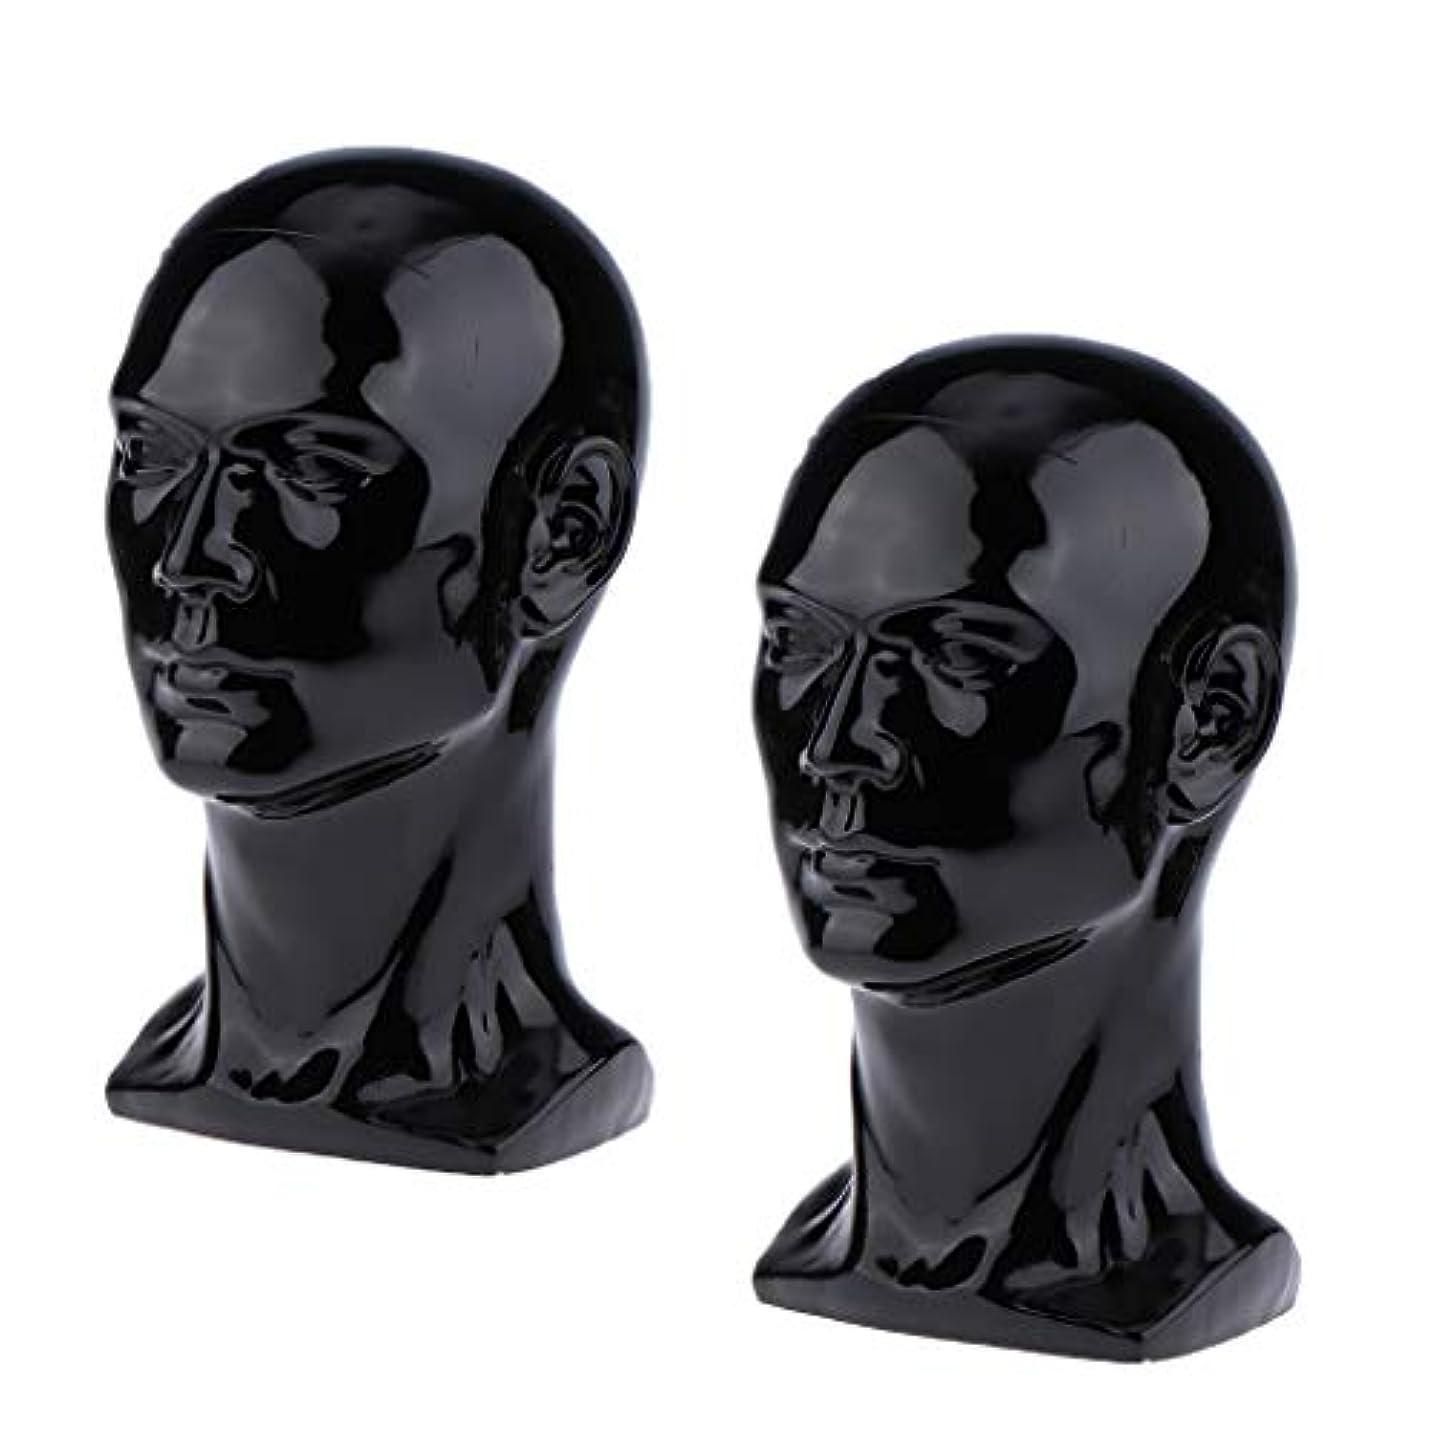 ホバー毎月並外れてToygogo 2×男性マネキンマネキンヘッドメガネキャップかつらジュエリーディスモデル